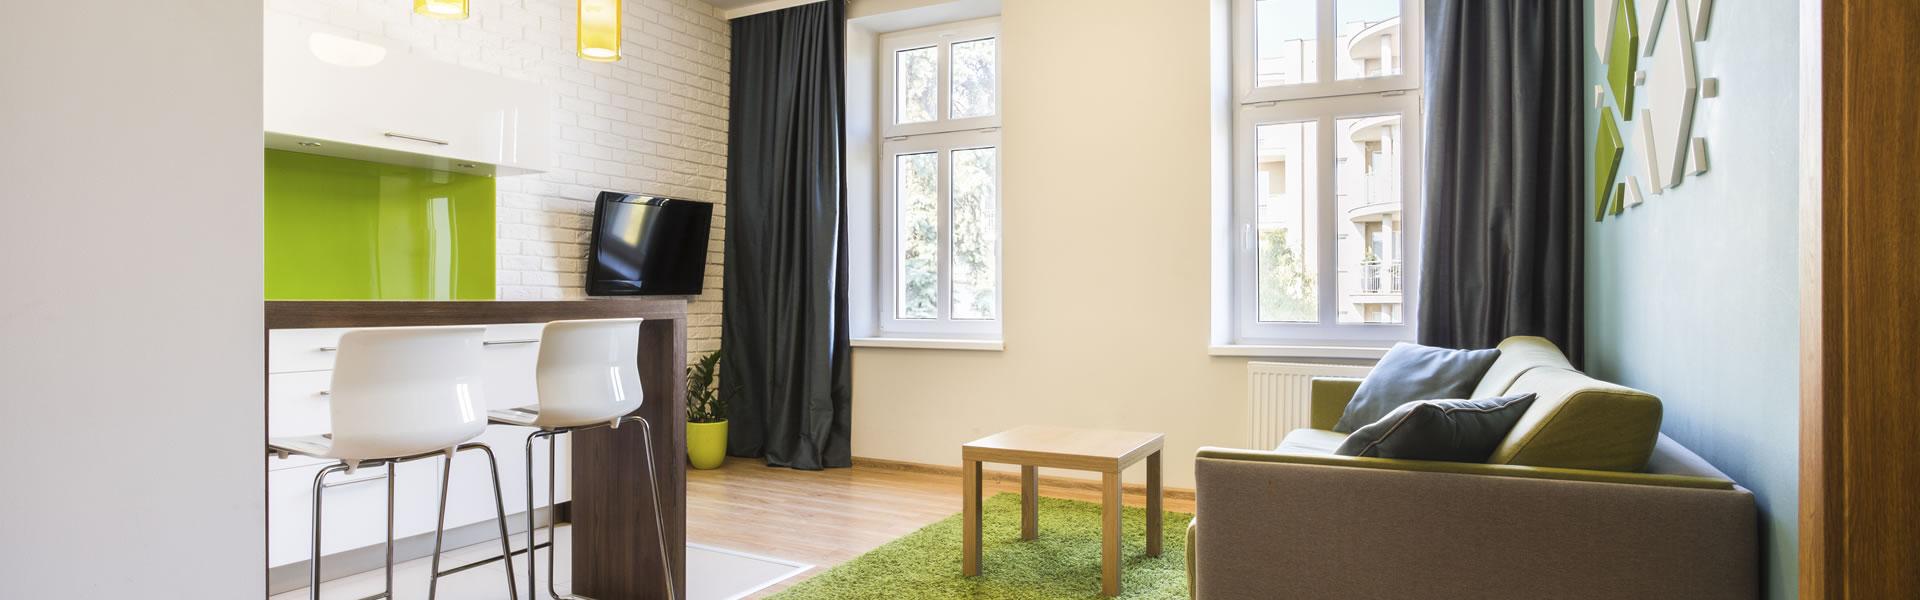 la norme nf c 15 100 a volu le saviez vous professionnels. Black Bedroom Furniture Sets. Home Design Ideas